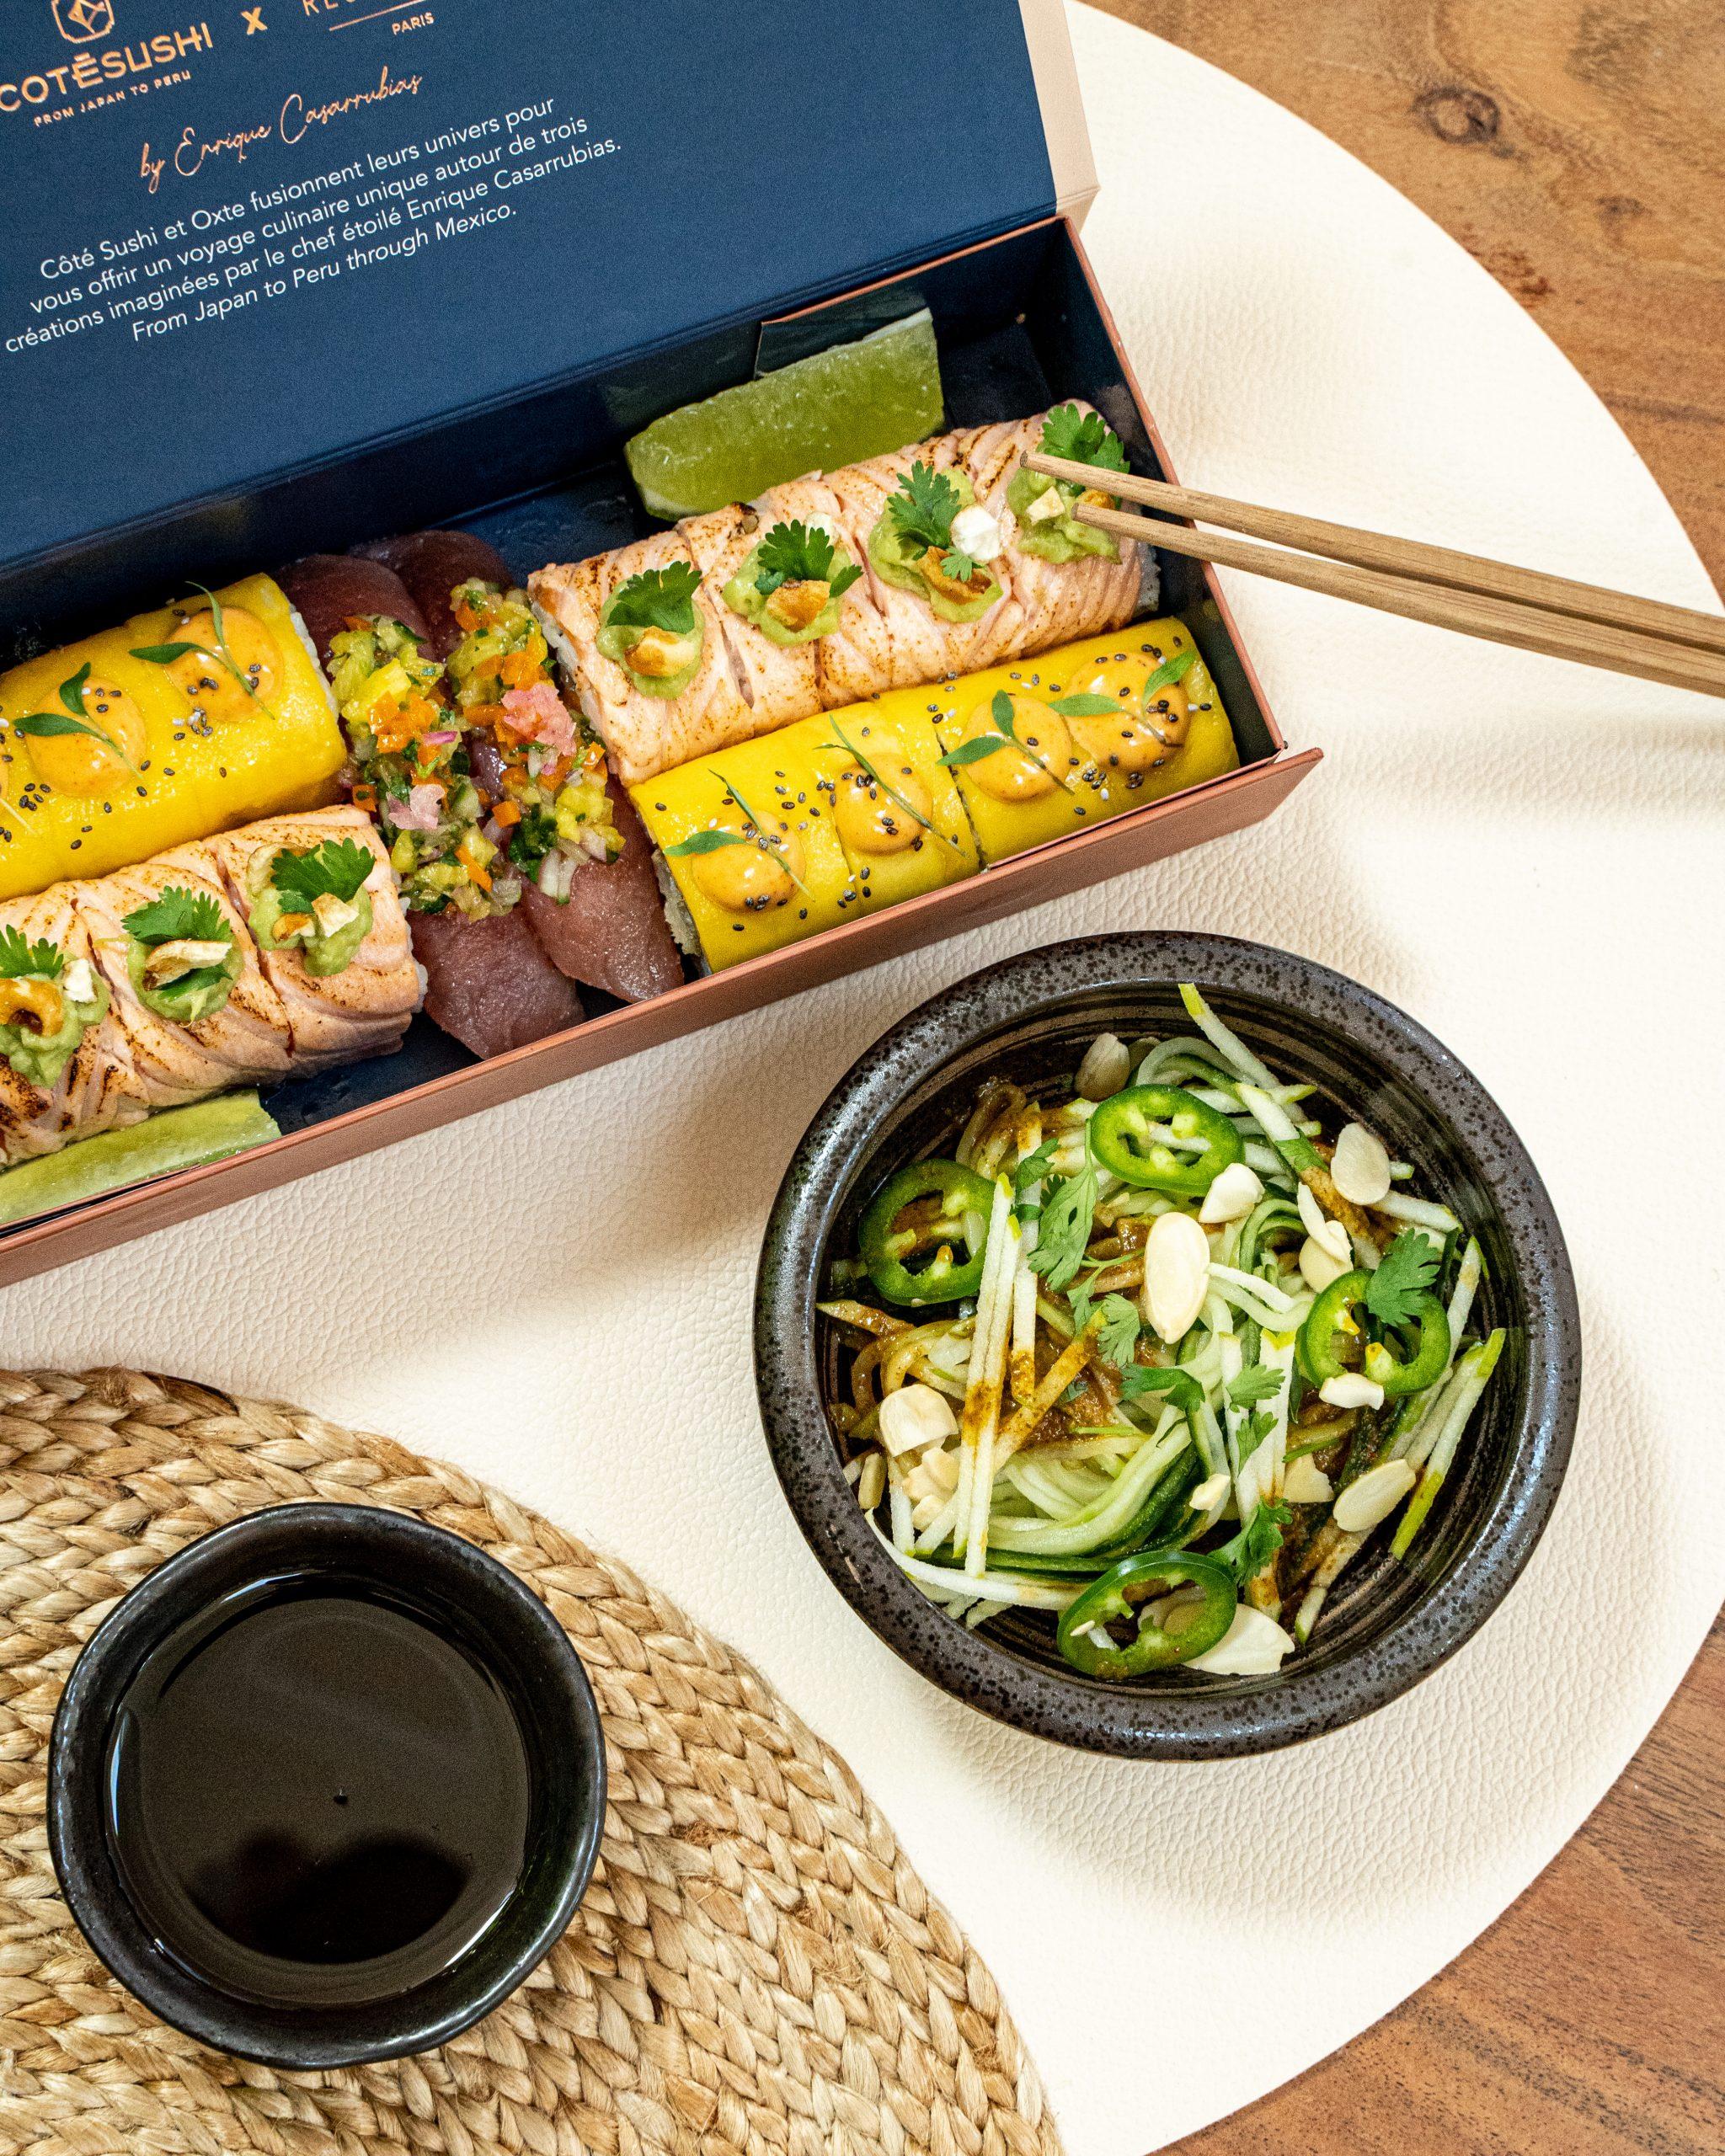 cote sushi 3 scaled - Une escale mexicaine chez Côté Sushi